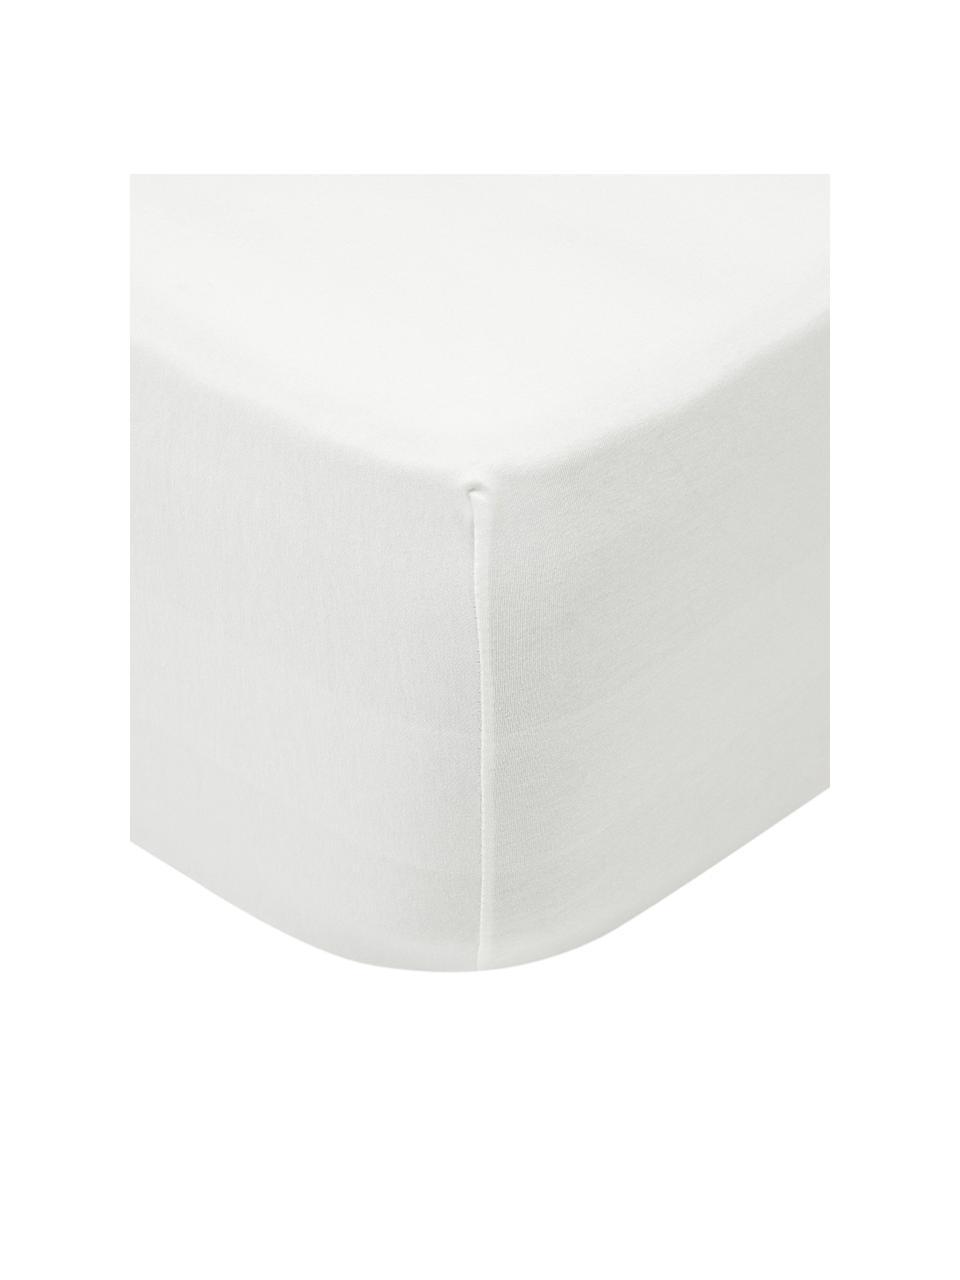 Spannbettlaken Lara in Cremefarben, Jersey-Elasthan, 95% Baumwolle, 5% Elasthan, Cremefarben, 180 x 200 cm